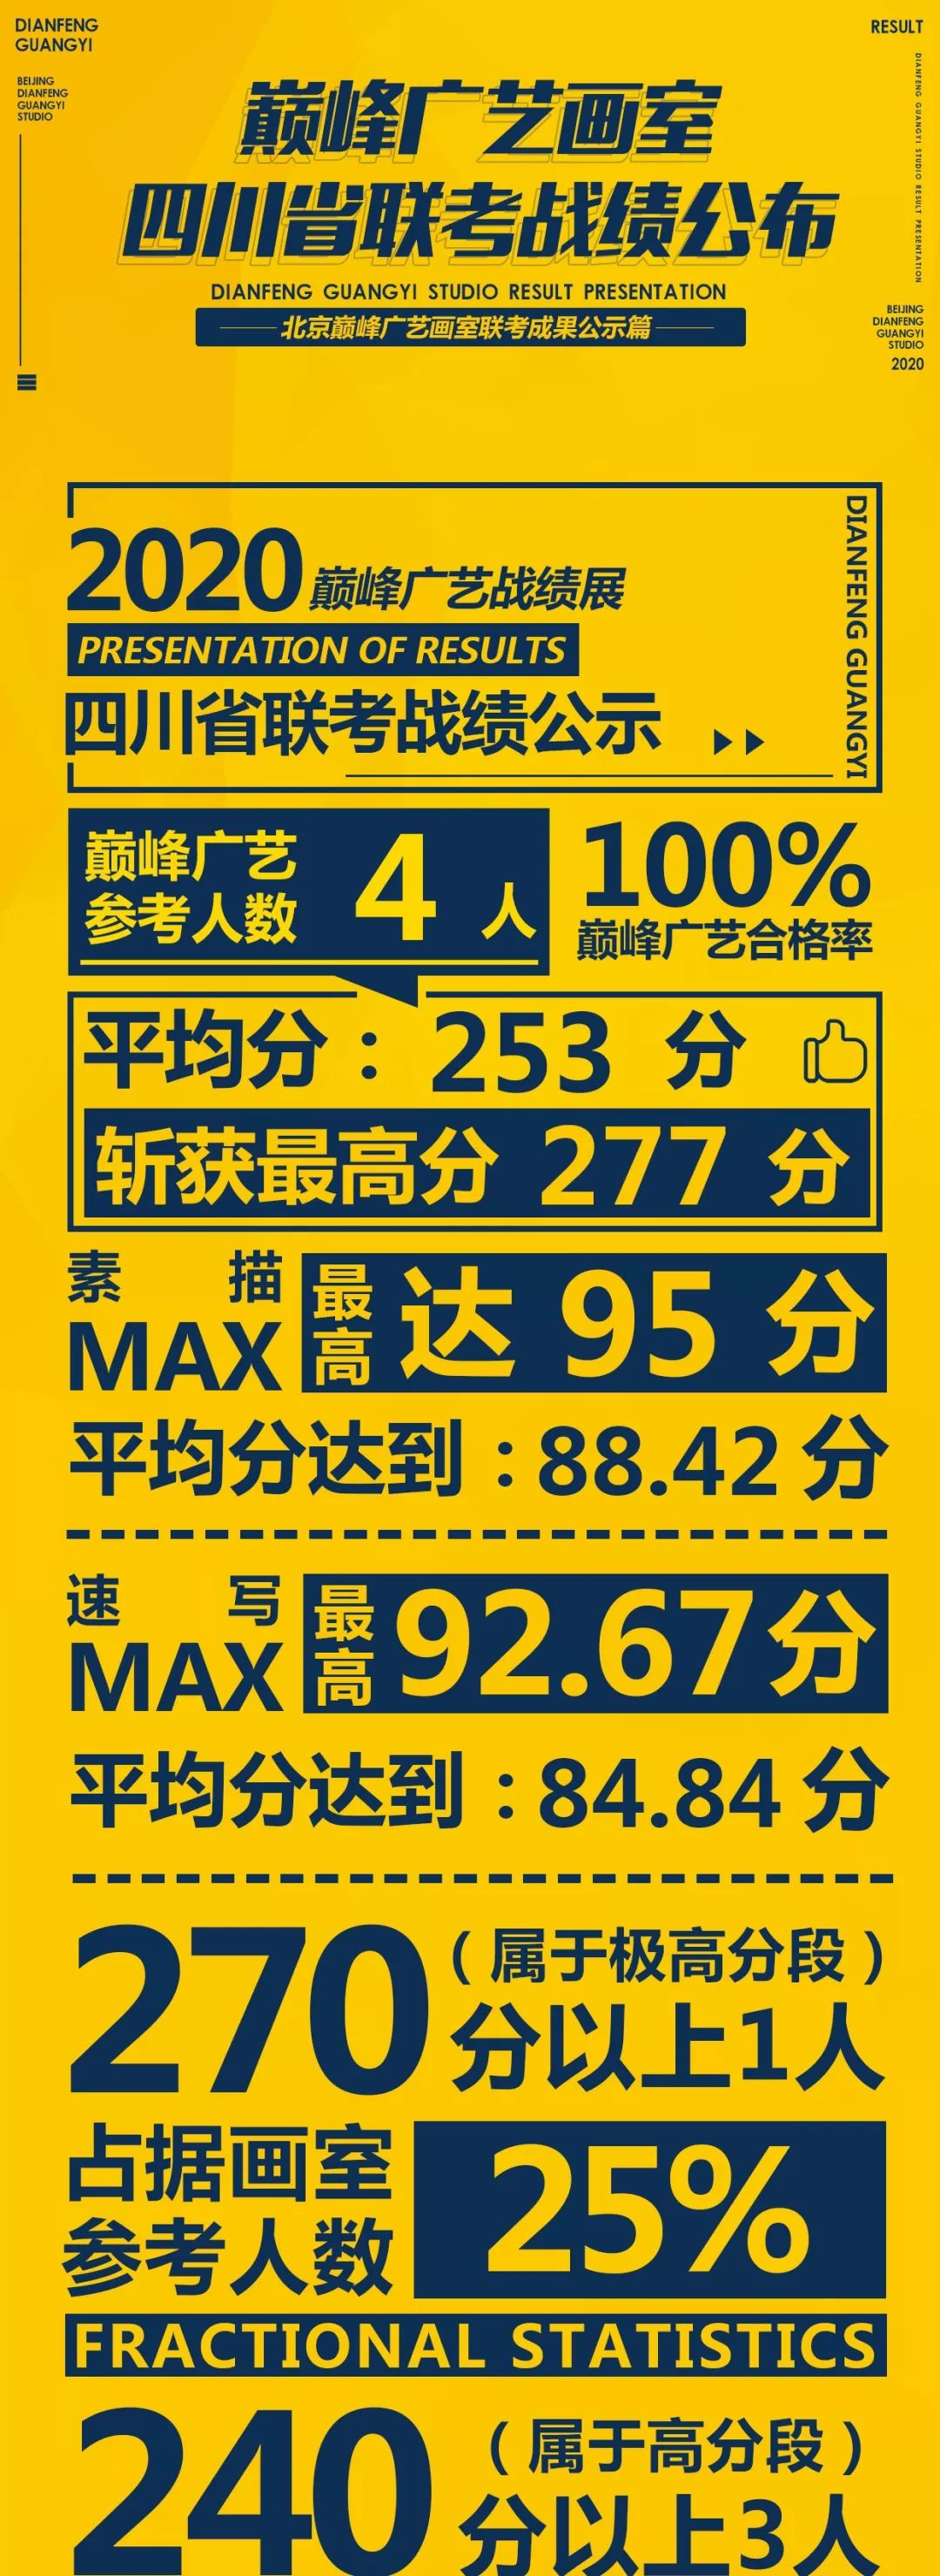 美术联考战绩,北京巅峰广艺画室,北京美术联考      01